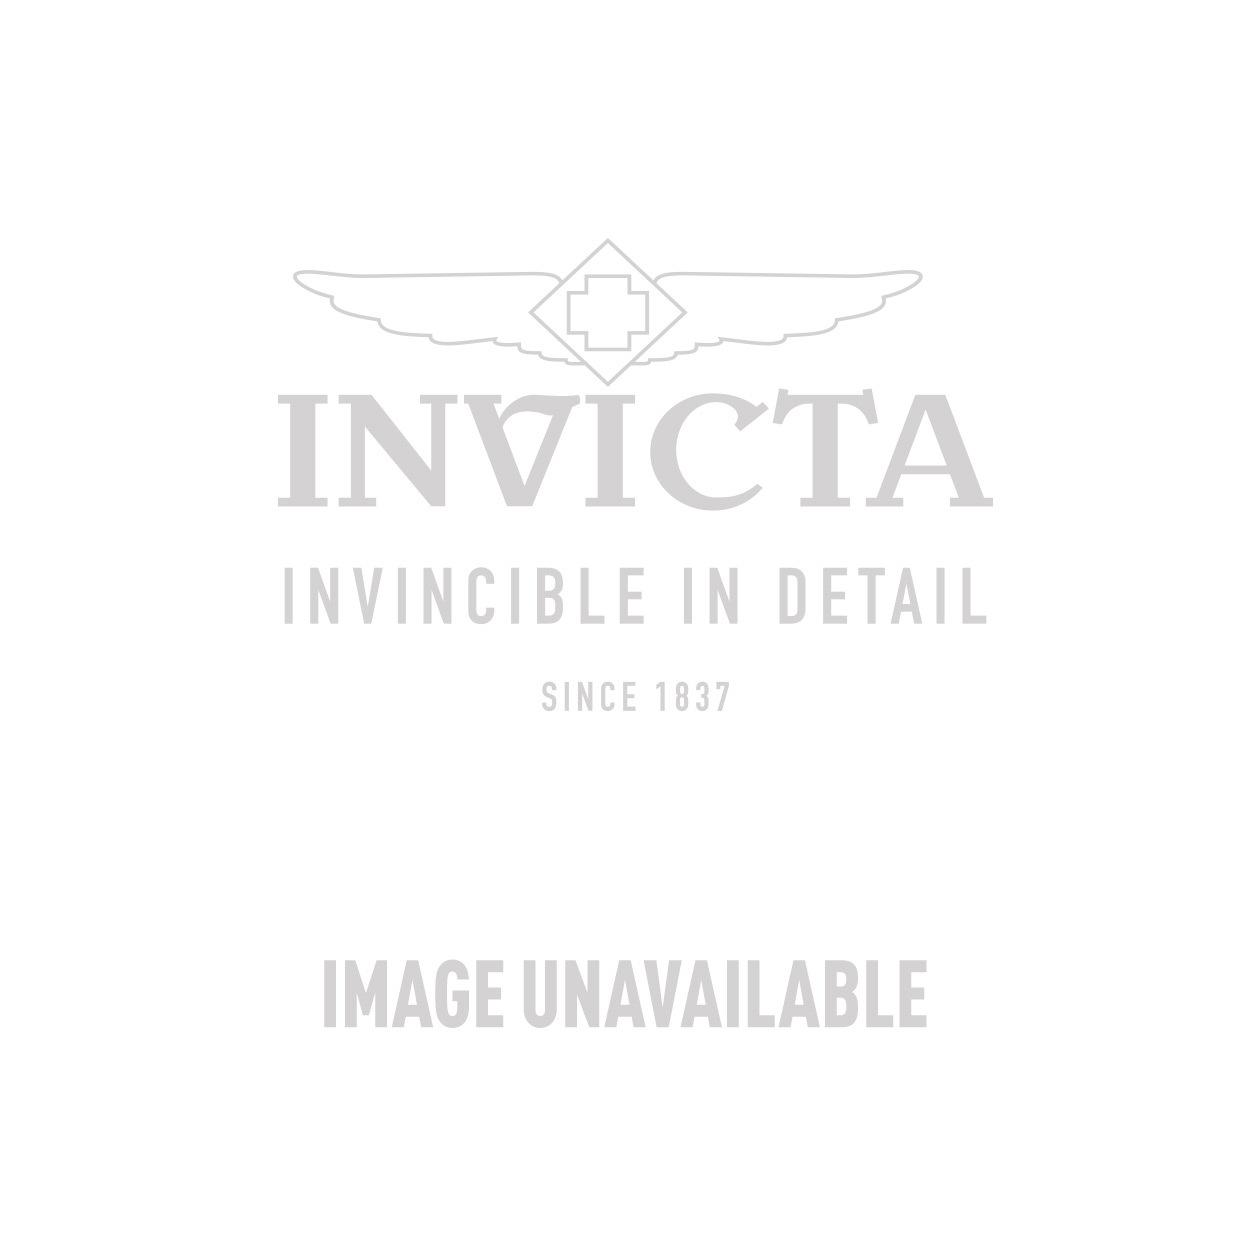 Invicta Model 27218